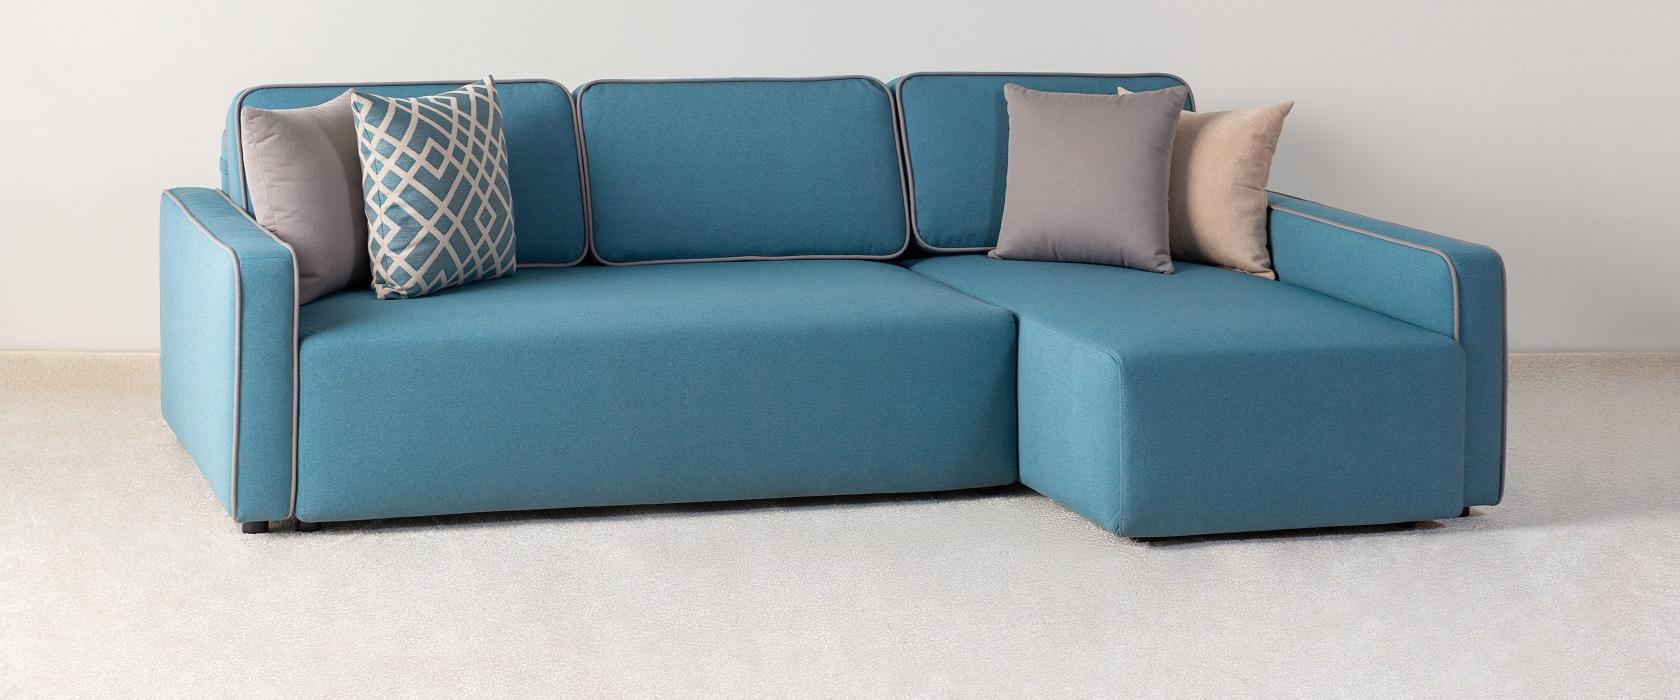 Угловой диван Alonzo - Фото 2 - Pufetto